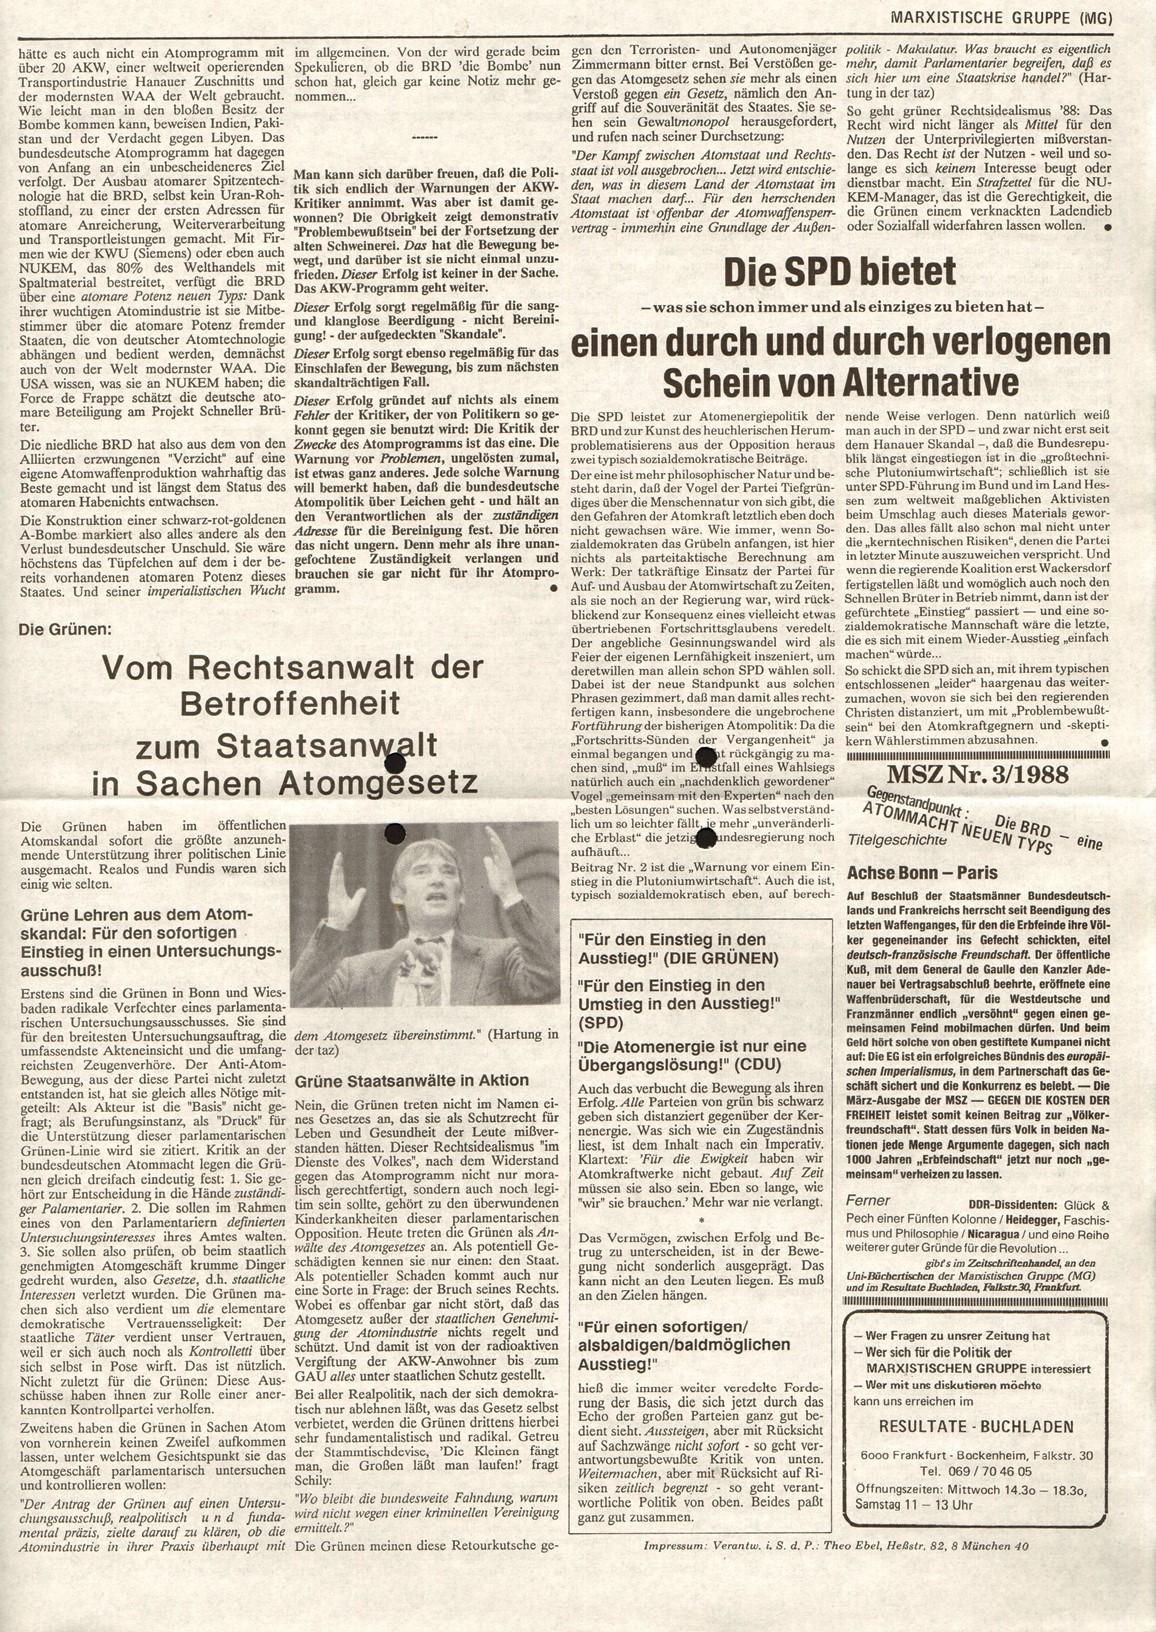 Frankfurt_MG_FB_19880300_02